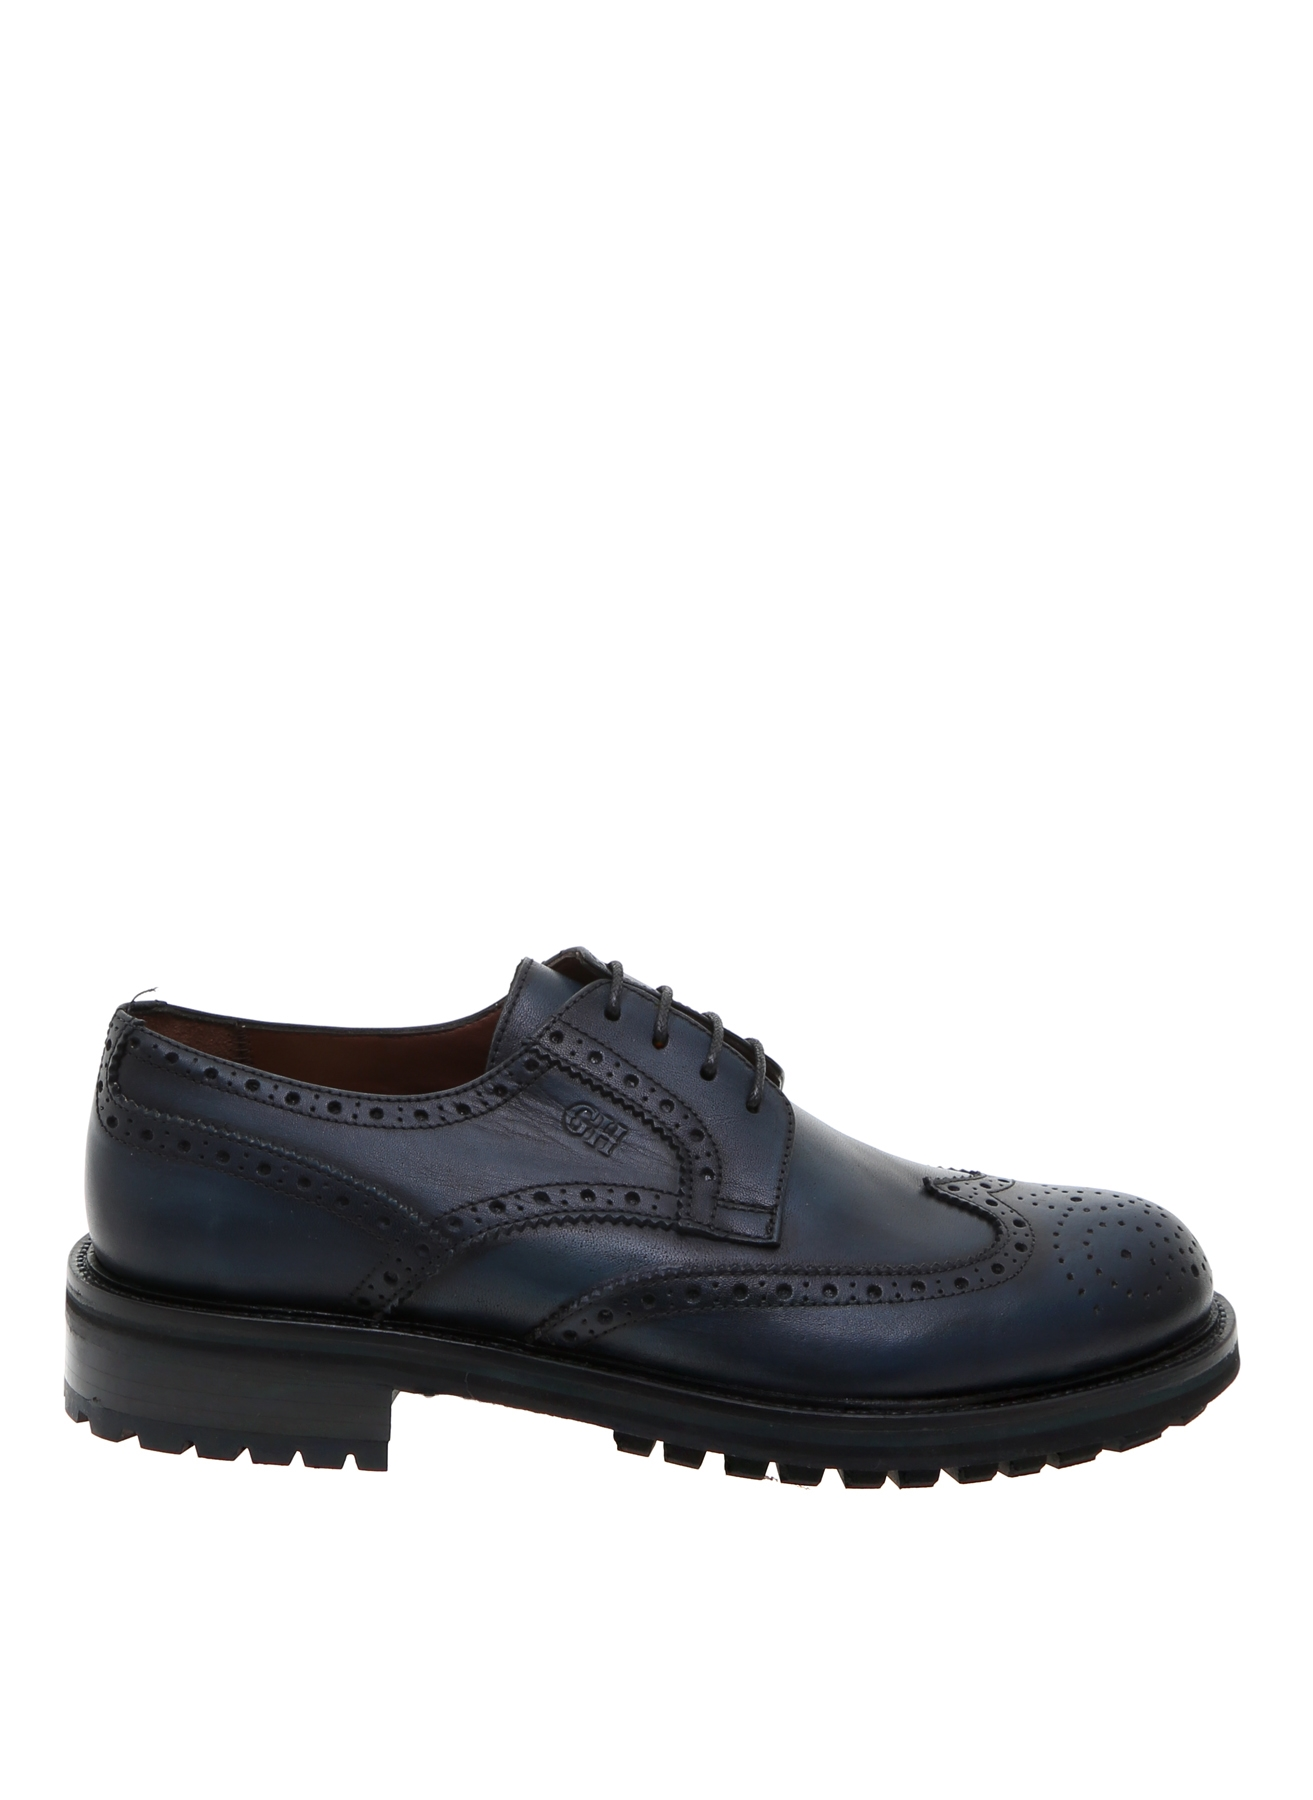 George Hogg Lacivert Klasik Klasik Ayakkabı 41 5001908435002 Ürün Resmi